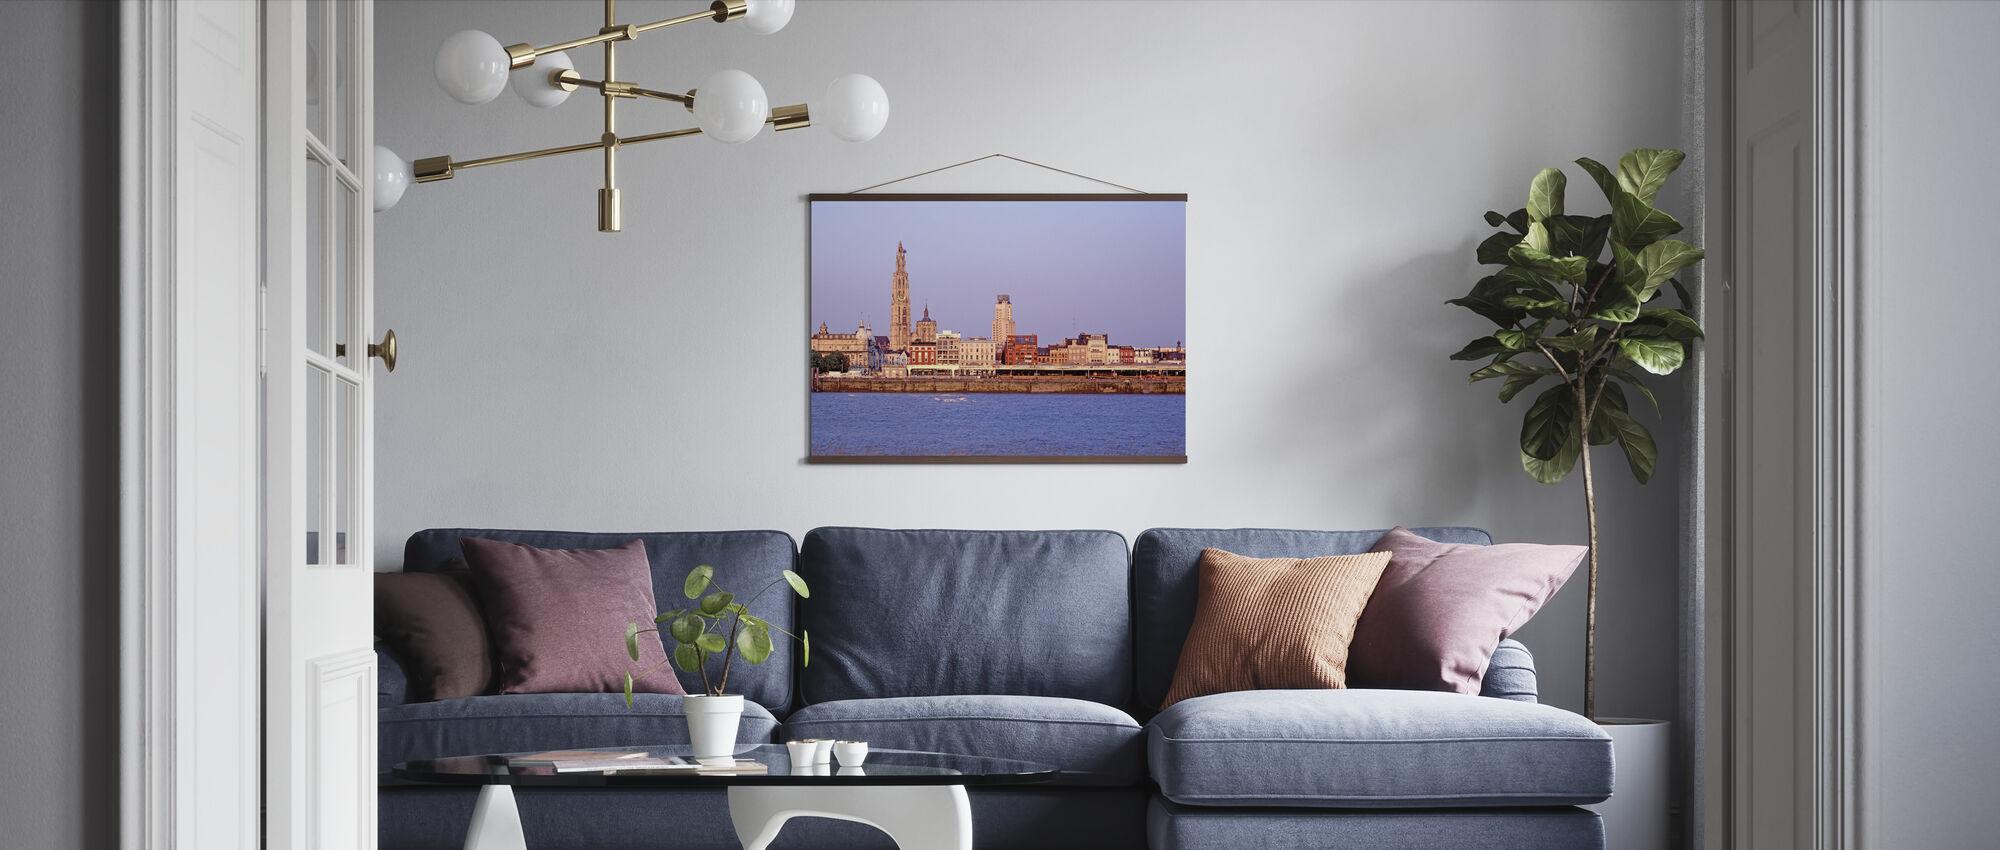 Antwerp Skyline at Dusk - Poster - Living Room